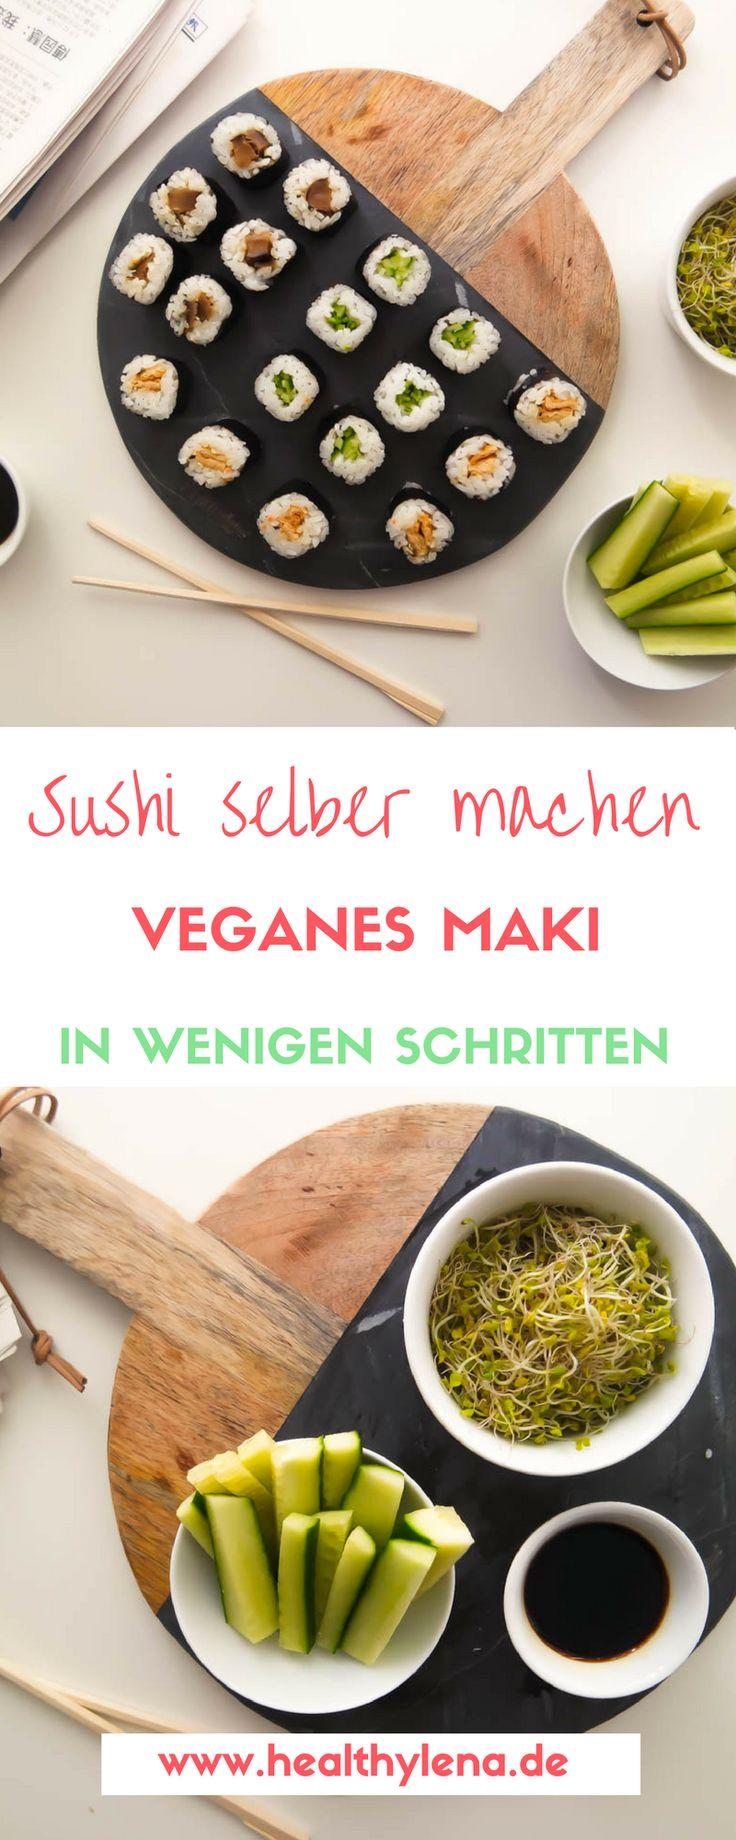 Für eine ziemlich lange Zeit habe ich es mir nicht zugetraut, Sushi selber zu machen. Ich weiß gar nicht genau warum, aber ich habe mir die Zubereitung einfach immer mega kompliziert vorgestellt. Für all diejenigen, denen es genauso geht, hab ich jetzt gute Neuigkeiten: veganes Maki zuzubereiten ist (beinahe) ein Kinderspiel! Hier geht's zum Rezept für veganes Sushi gefüllt mit Tofu, Shiitake und Gurke.